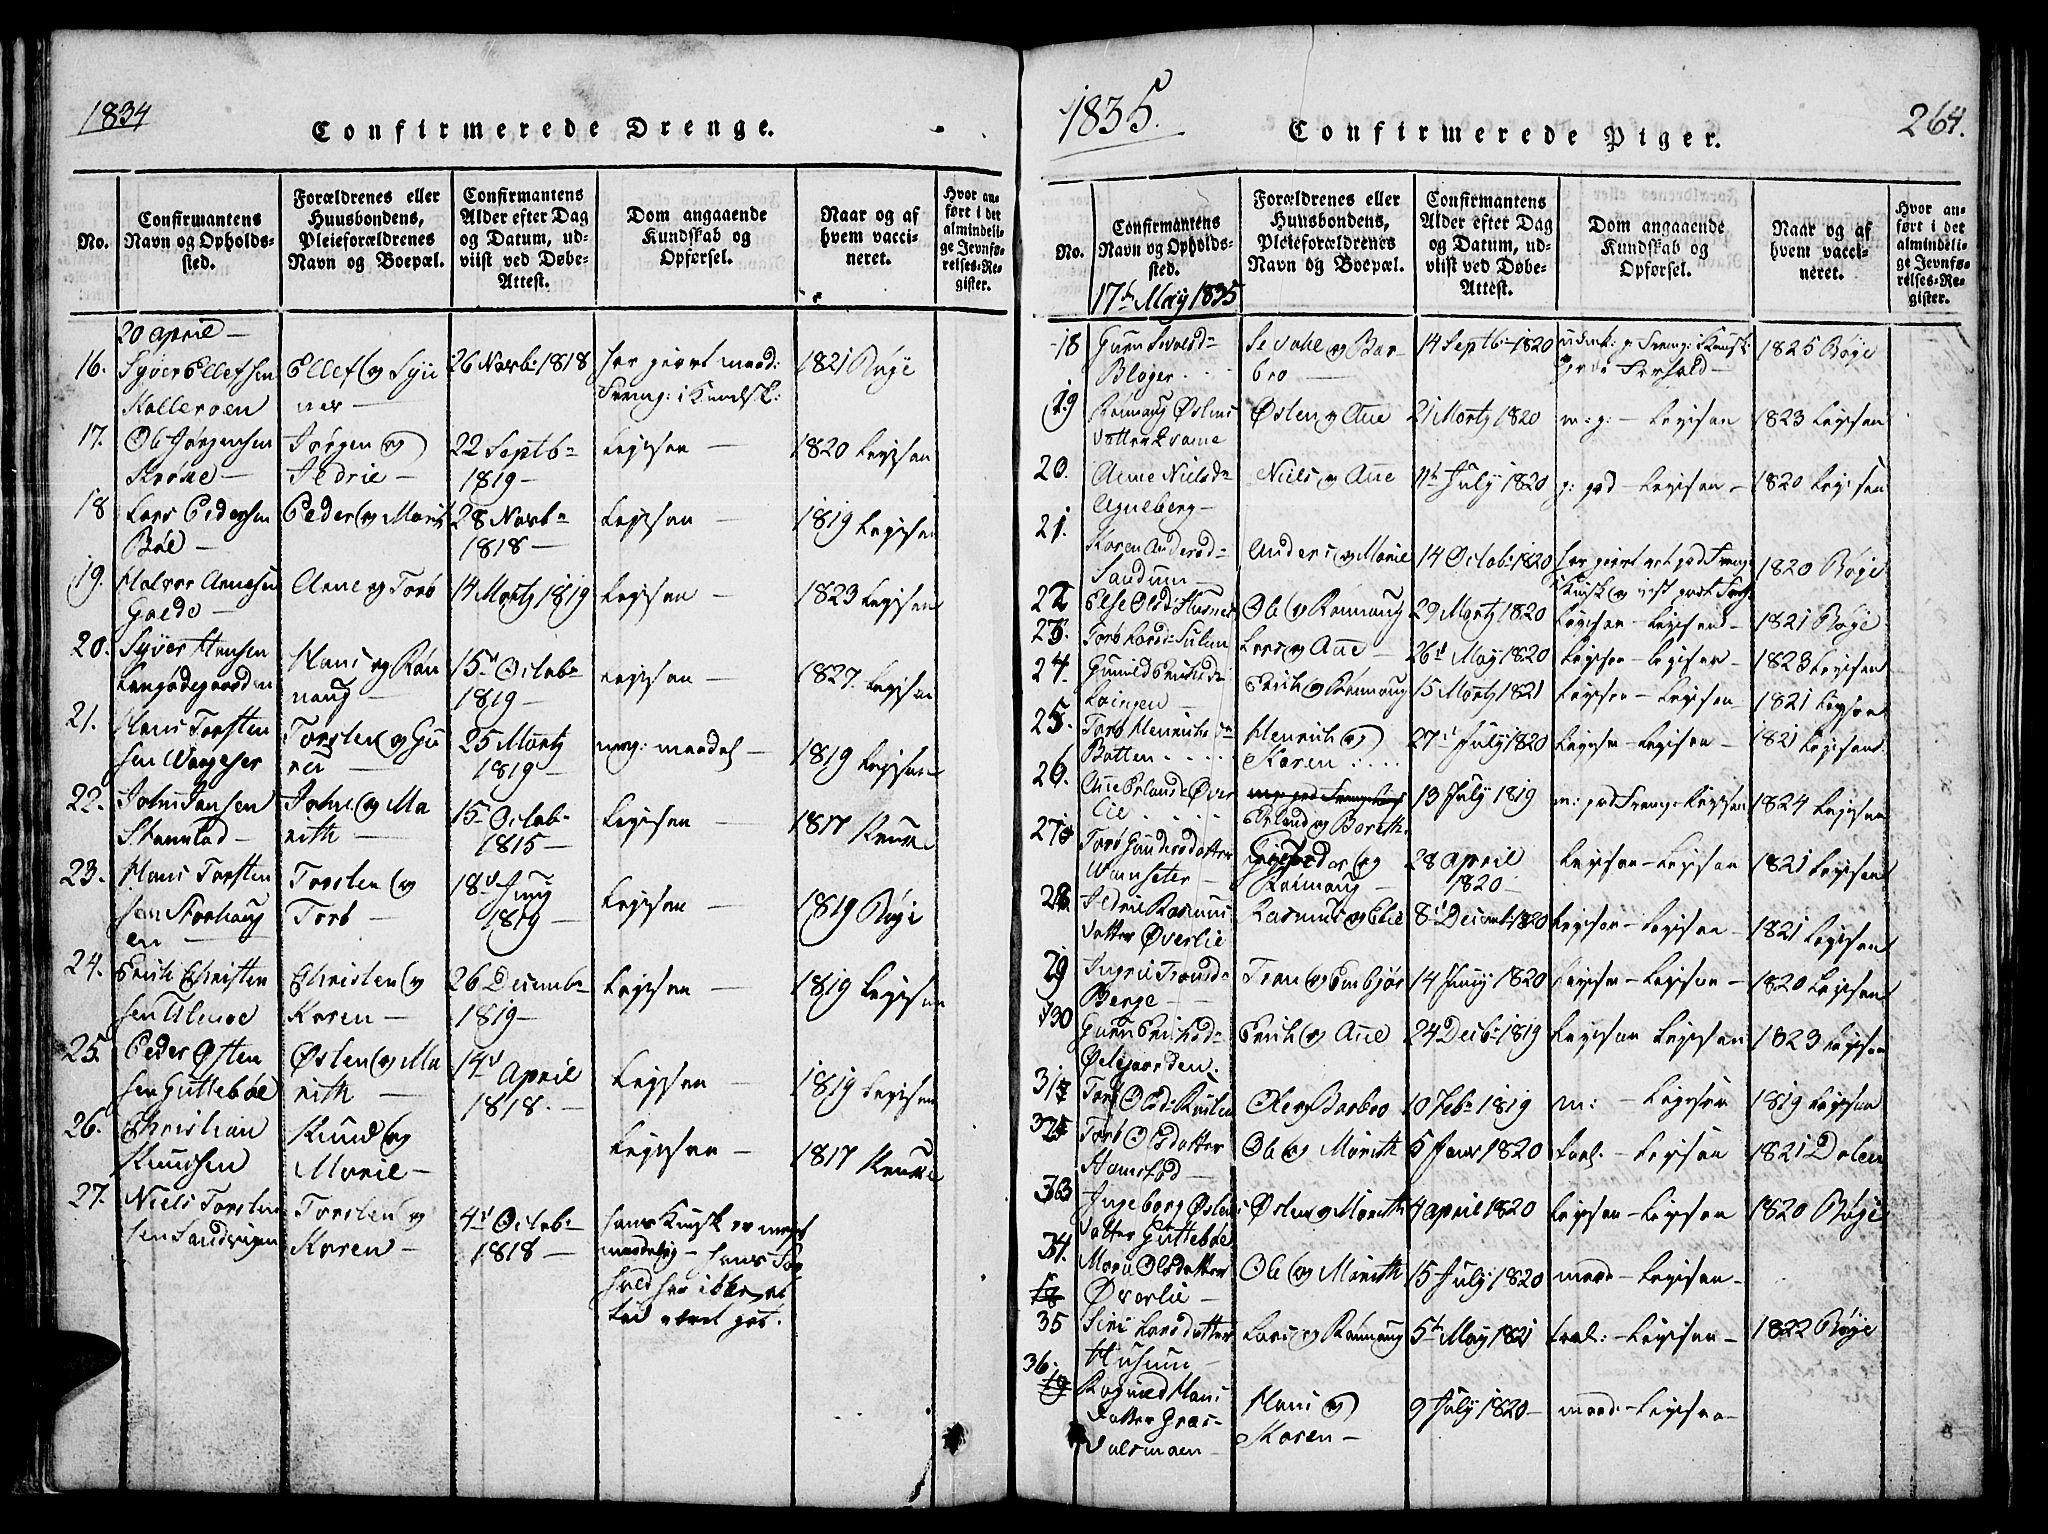 SAH, Lom prestekontor, L/L0001: Klokkerbok nr. 1, 1815-1836, s. 264